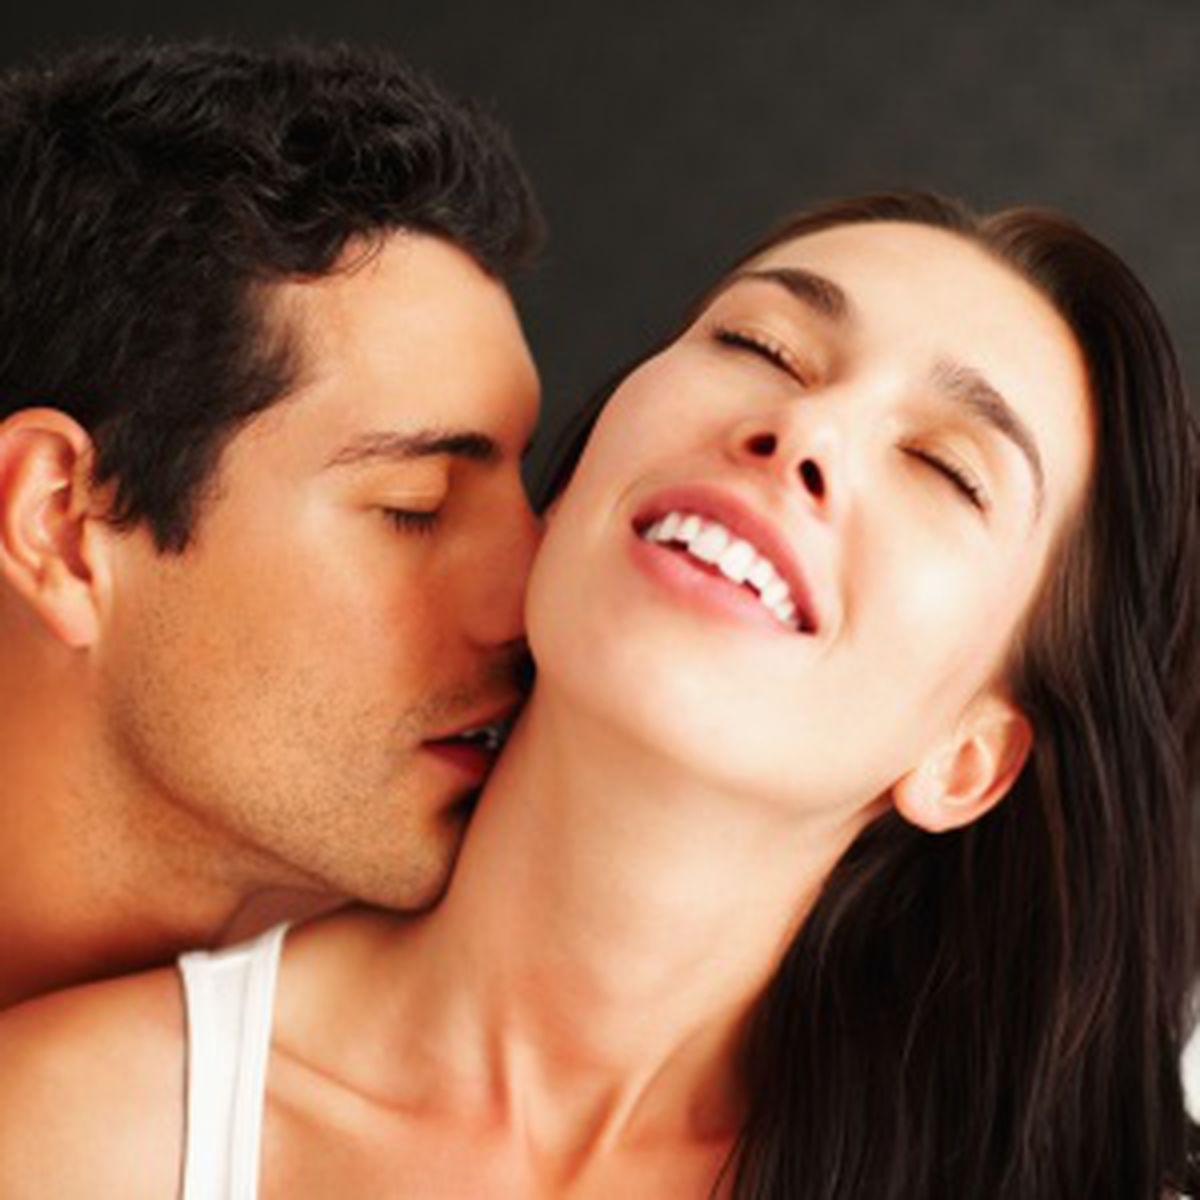 Fantezii Romantice / Dragoste - La Prima Intalnire